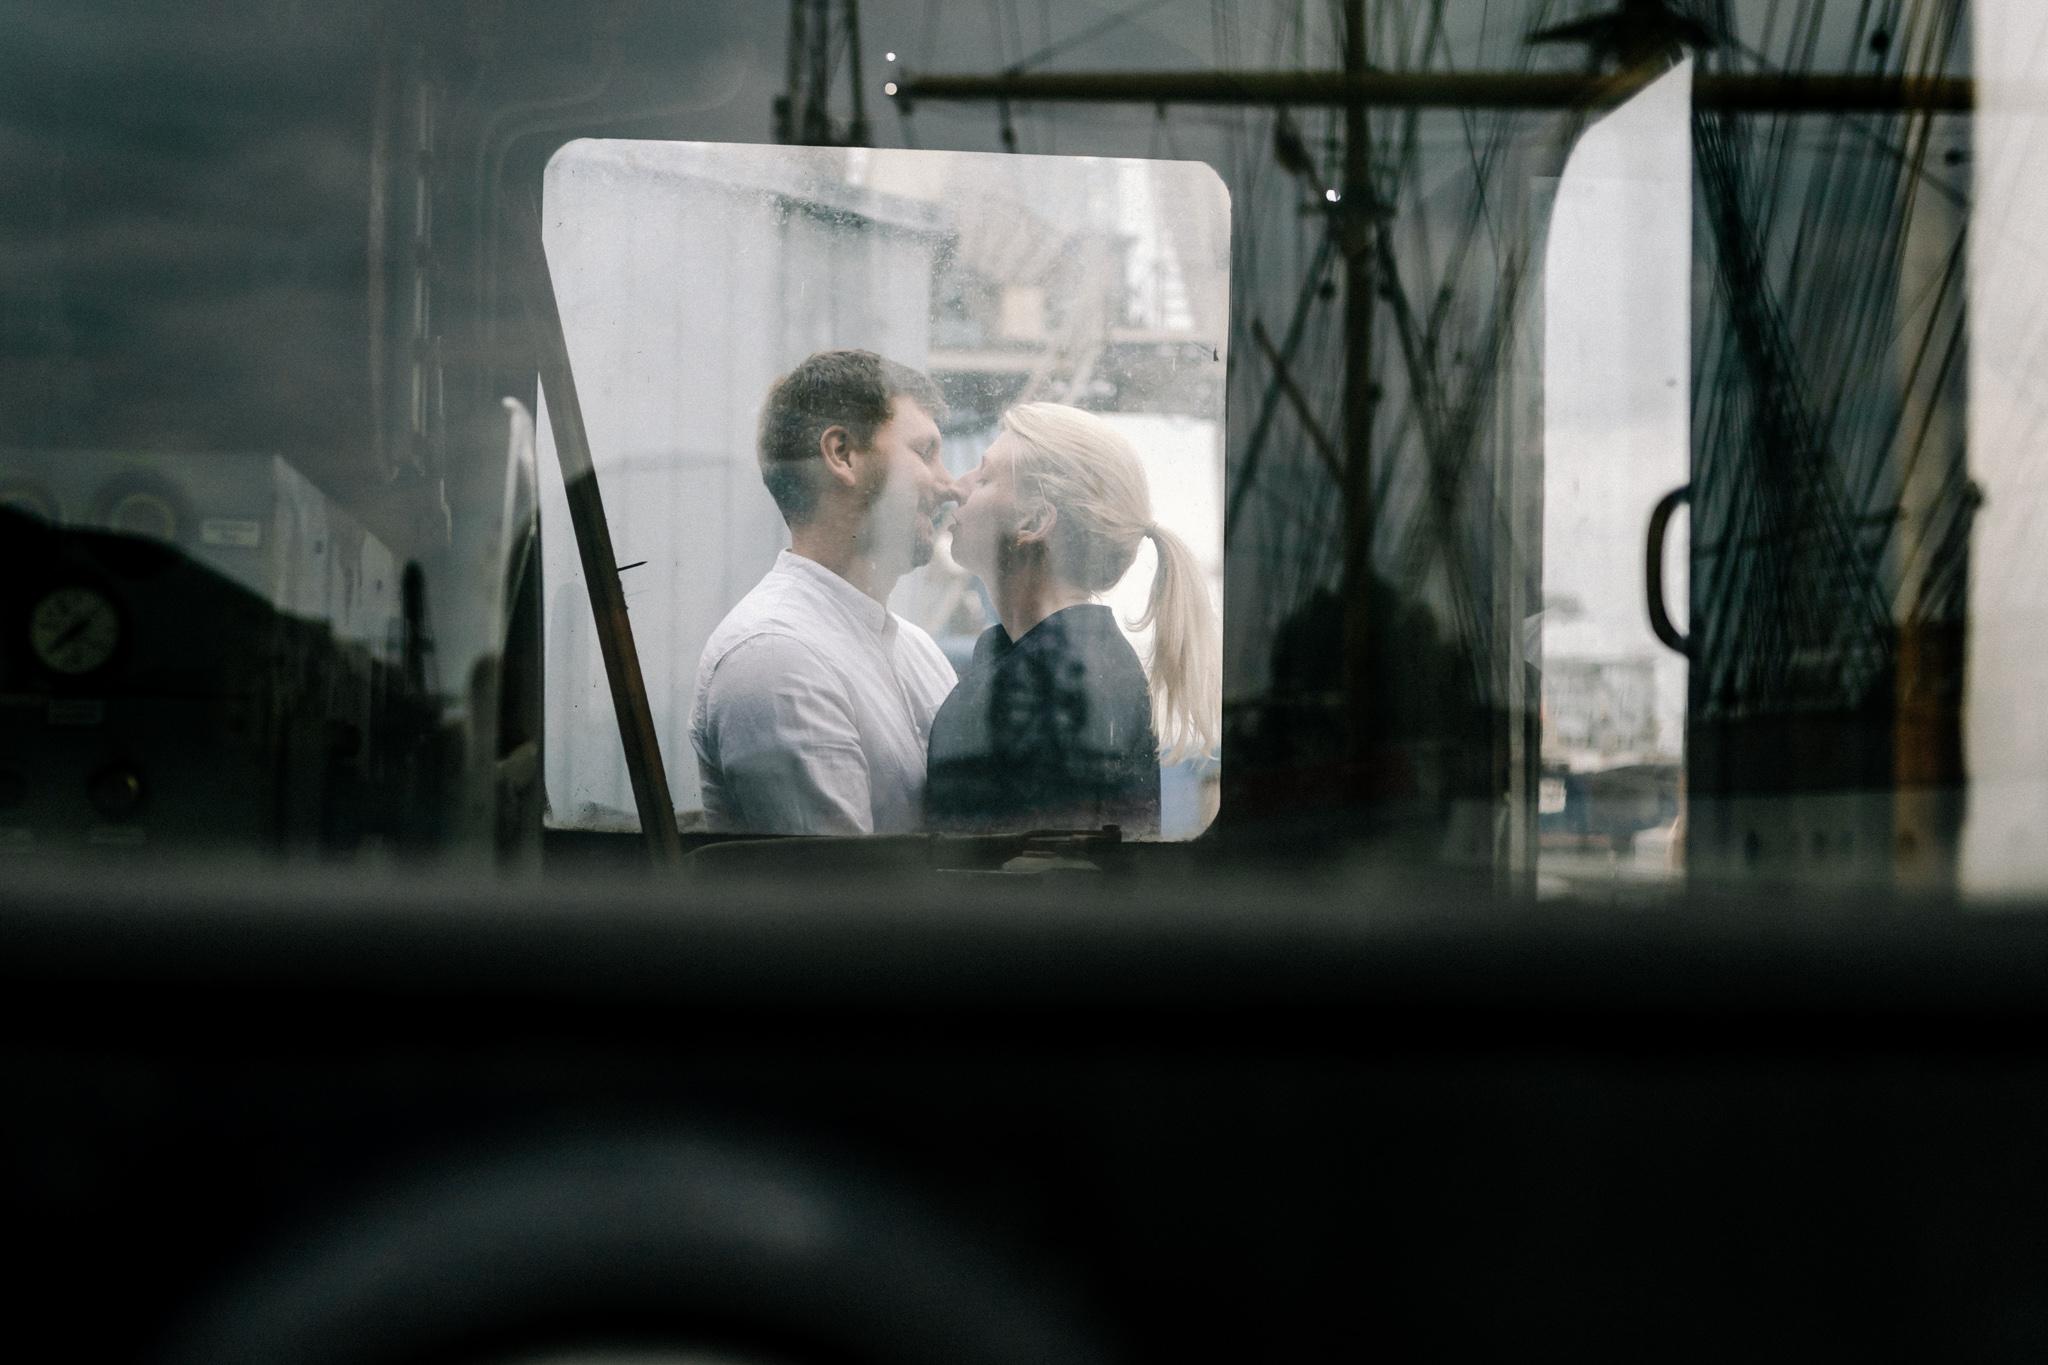 Hochzeitsfotograf, Sven Schomburg Hochzeitsfotografie, Coupleshooting, Brautpaar, Hochzeitspaar, Hamburg, Peking, Hafenmuseum Hamburg, Hochzeitstag, wahre Momente-21